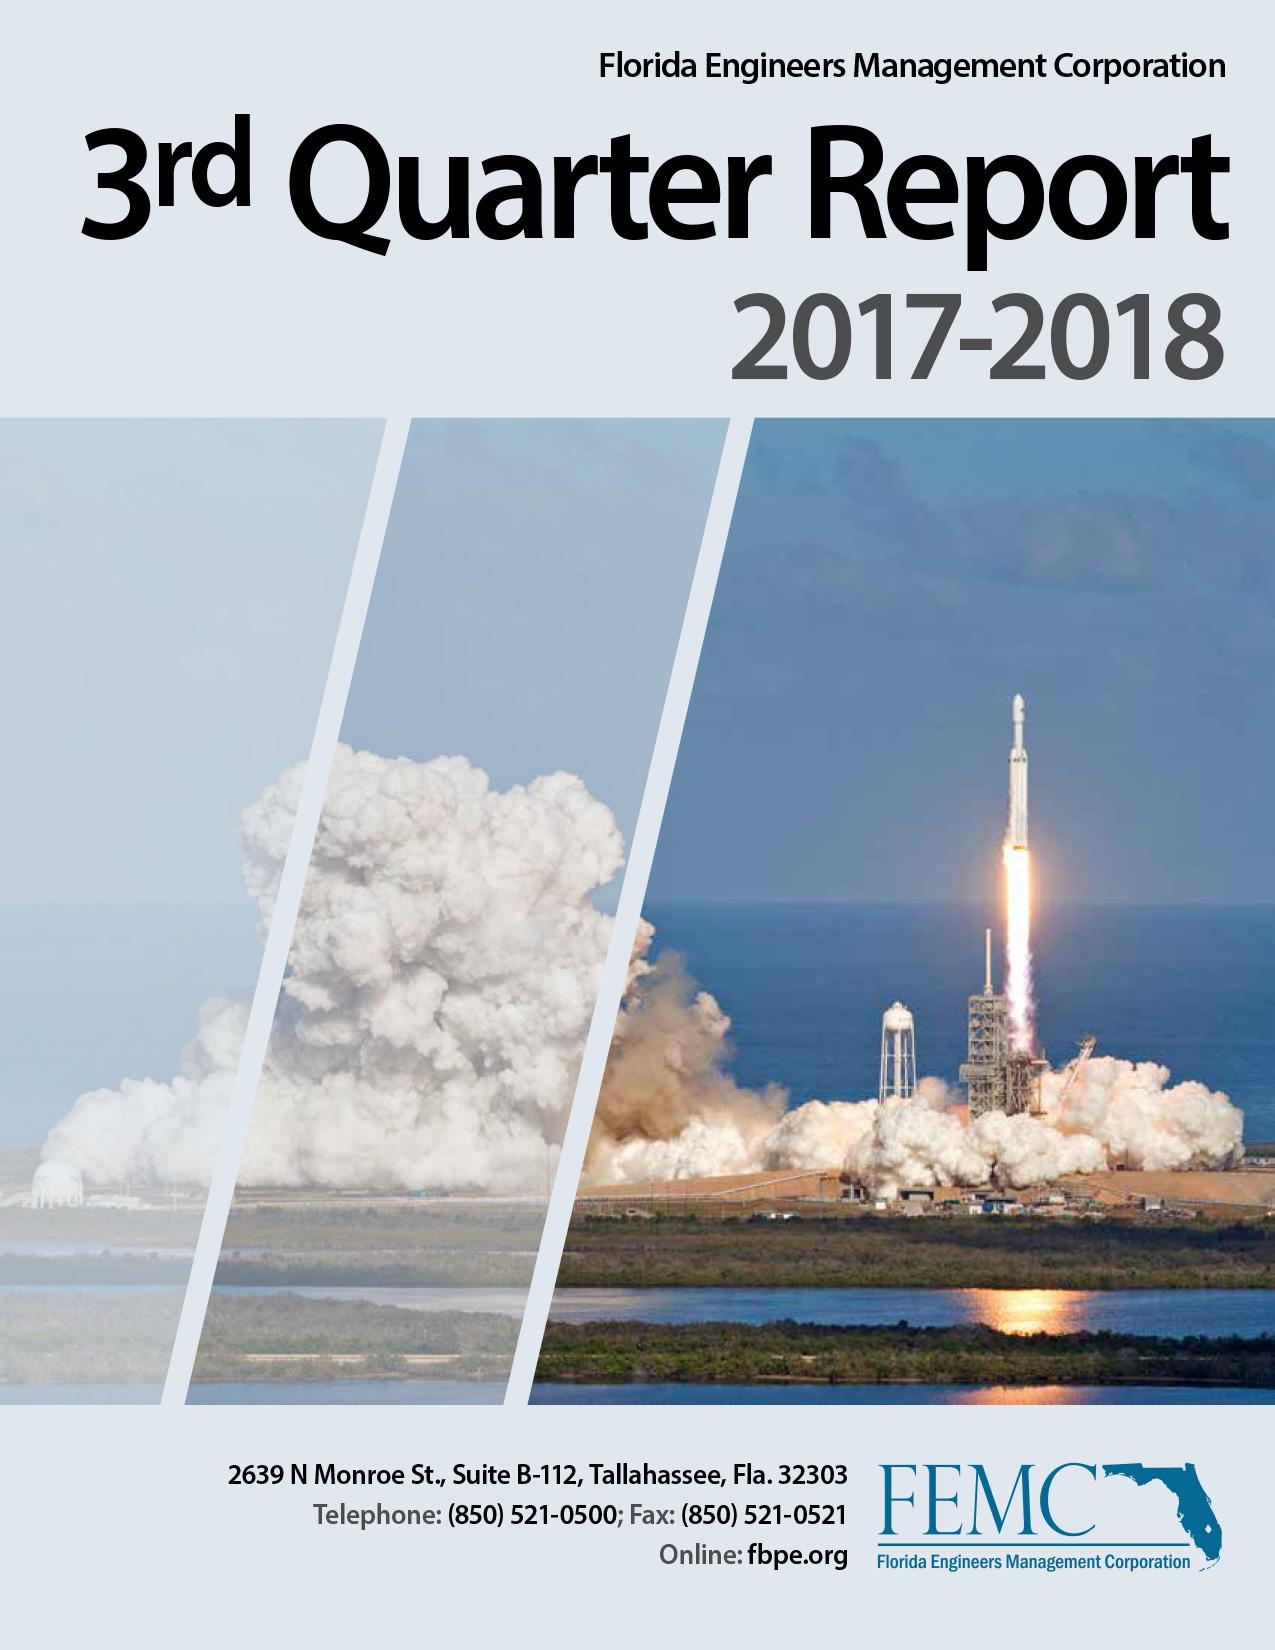 3rd Quarter Report 2017-2018